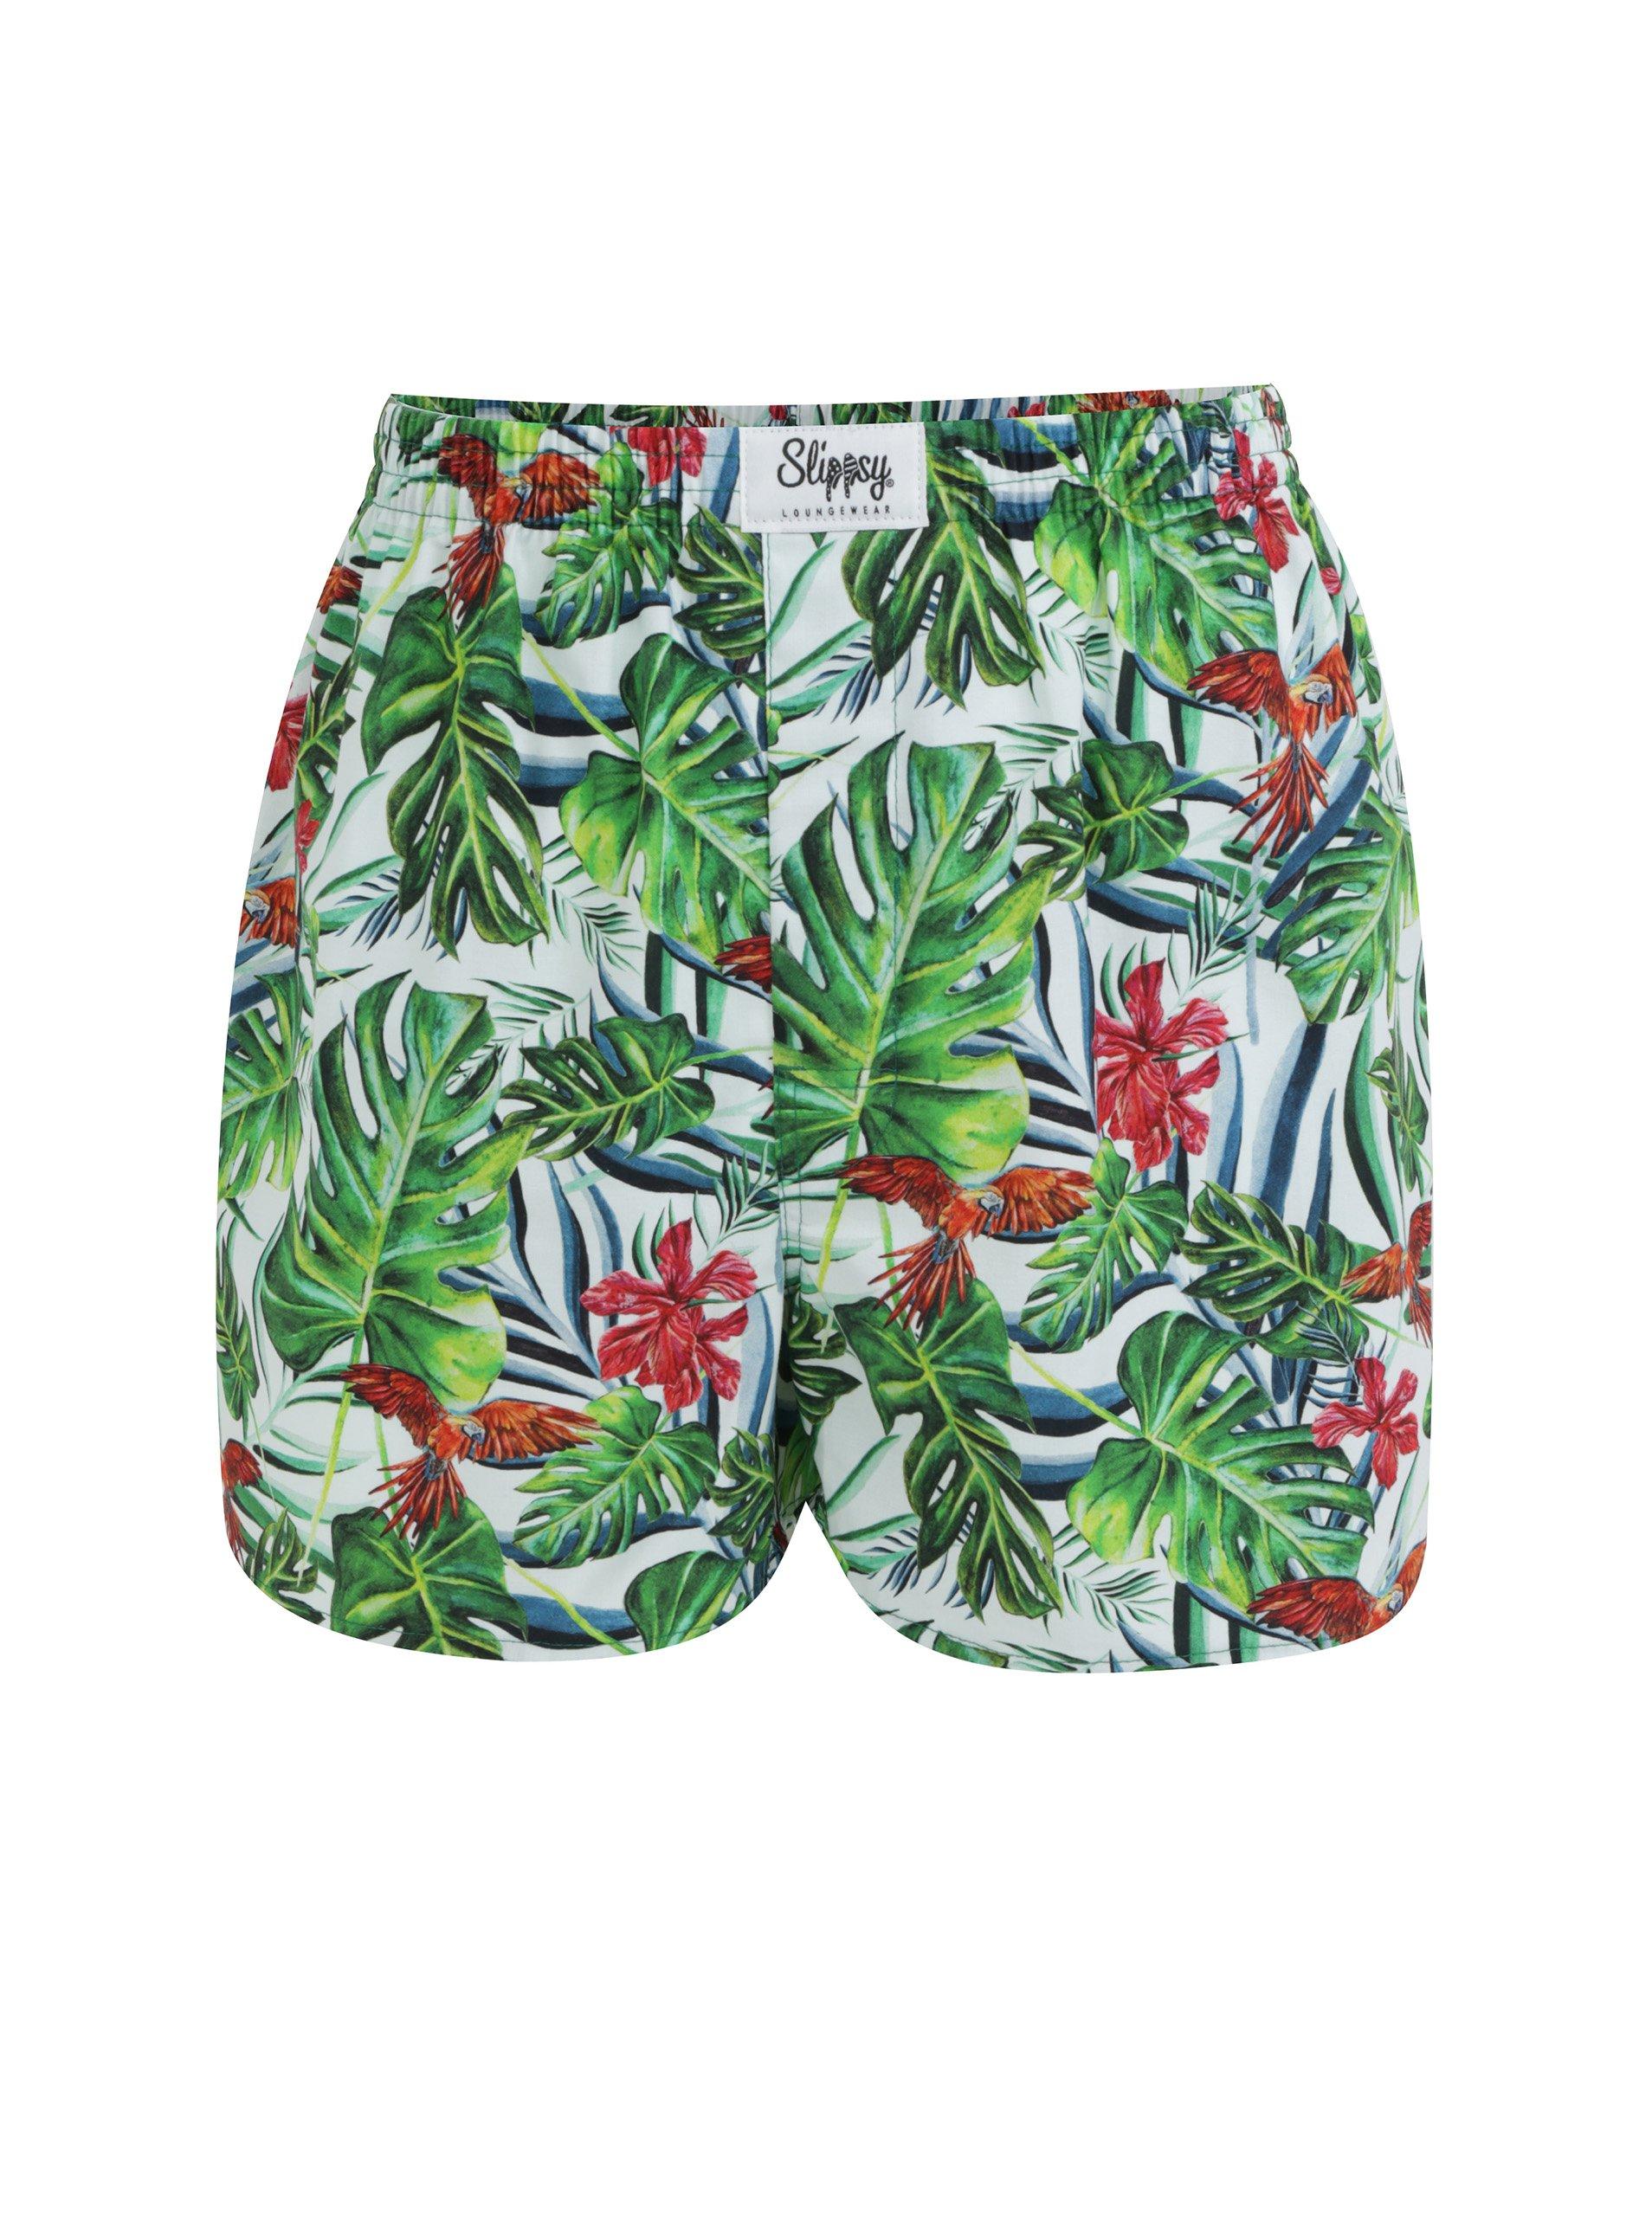 c2c23ac4eaa2f Bielo-zelené pánske trenírky s tropickým vzorom Slippsy Jungle Boy